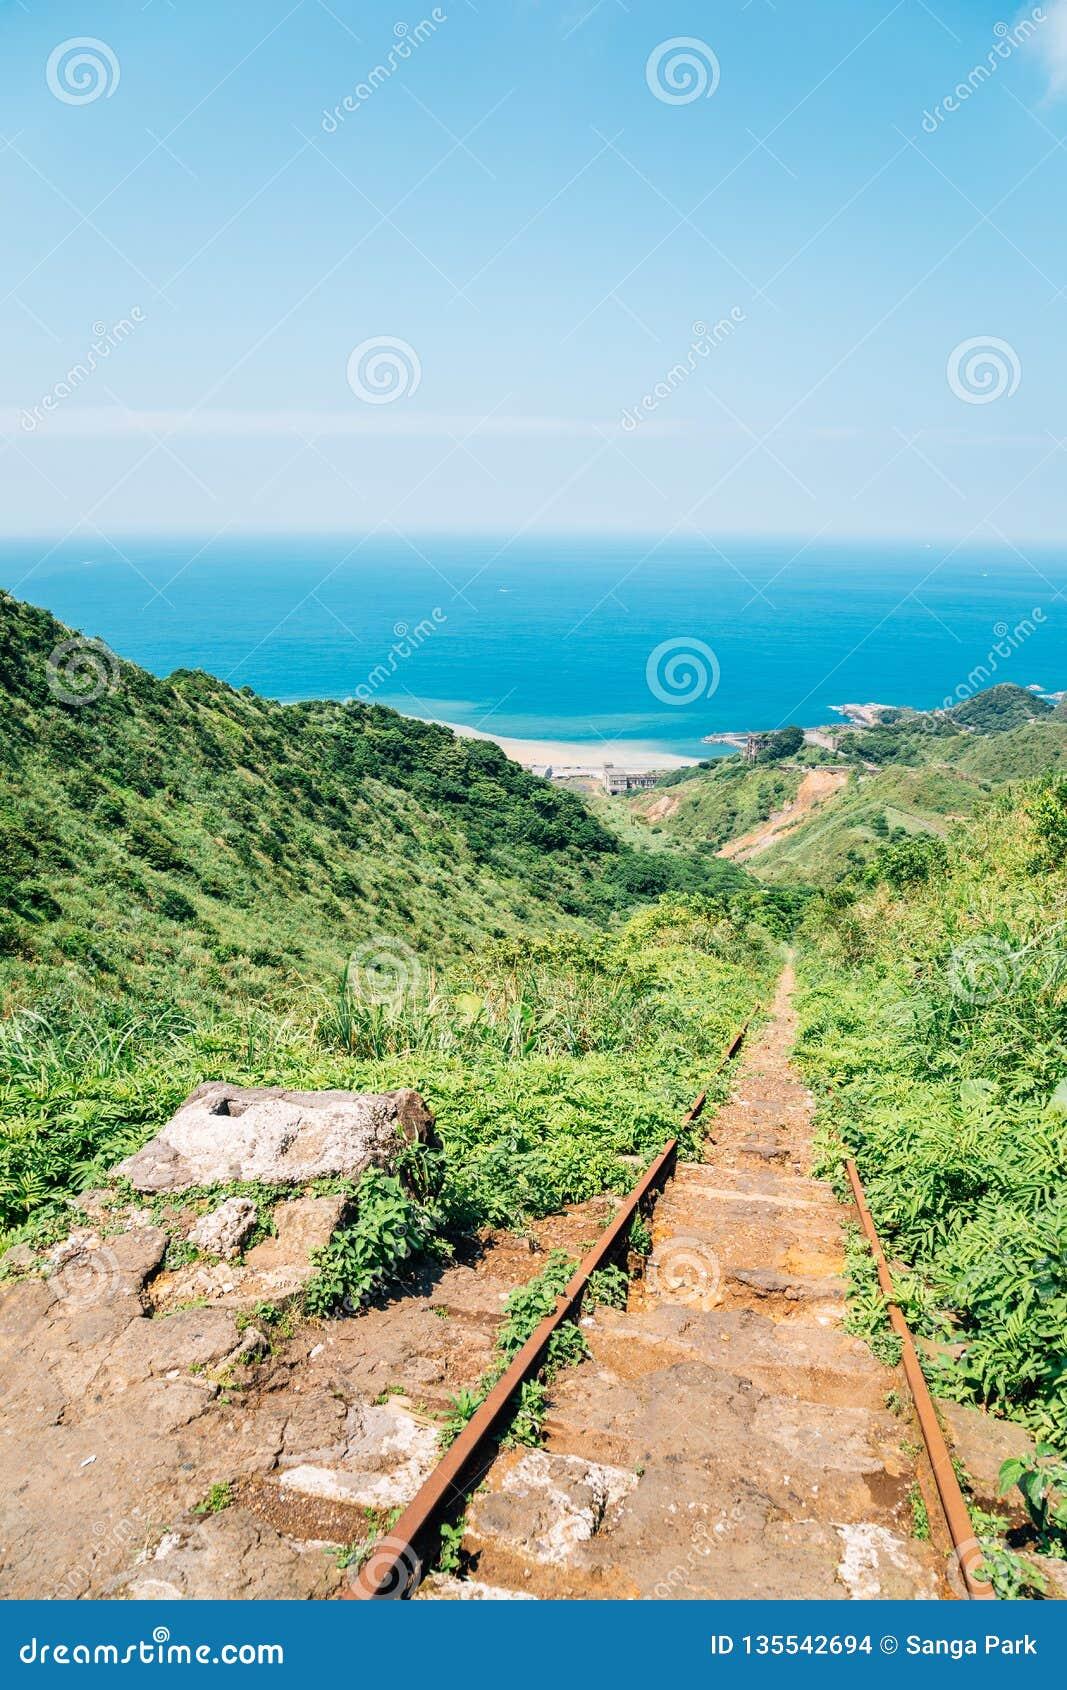 Yinyanghai sea and railroad in Jinguashi, Taiwan